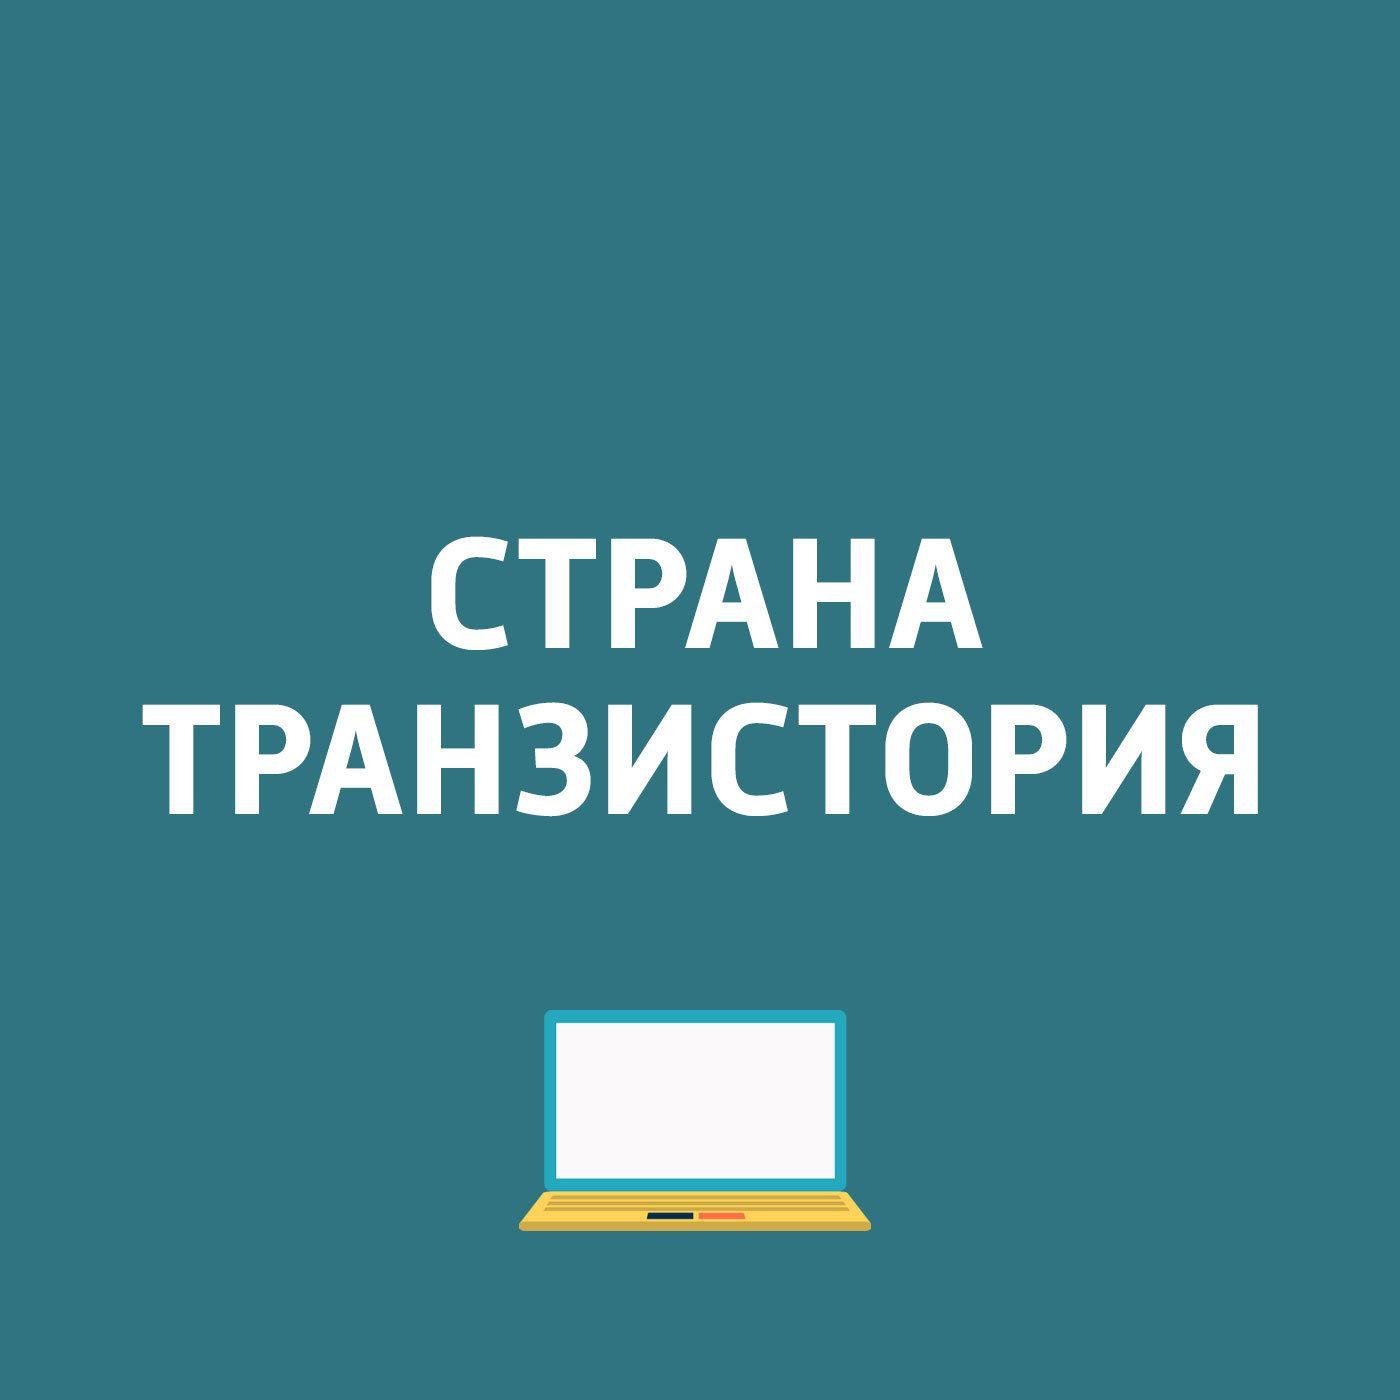 Картаев Павел Четыре полезные функции смартфонов на Андроиде картаев павел hmd global выпустила смартфон nokia 8 eset обнаружила вирус для устройств на андроиде